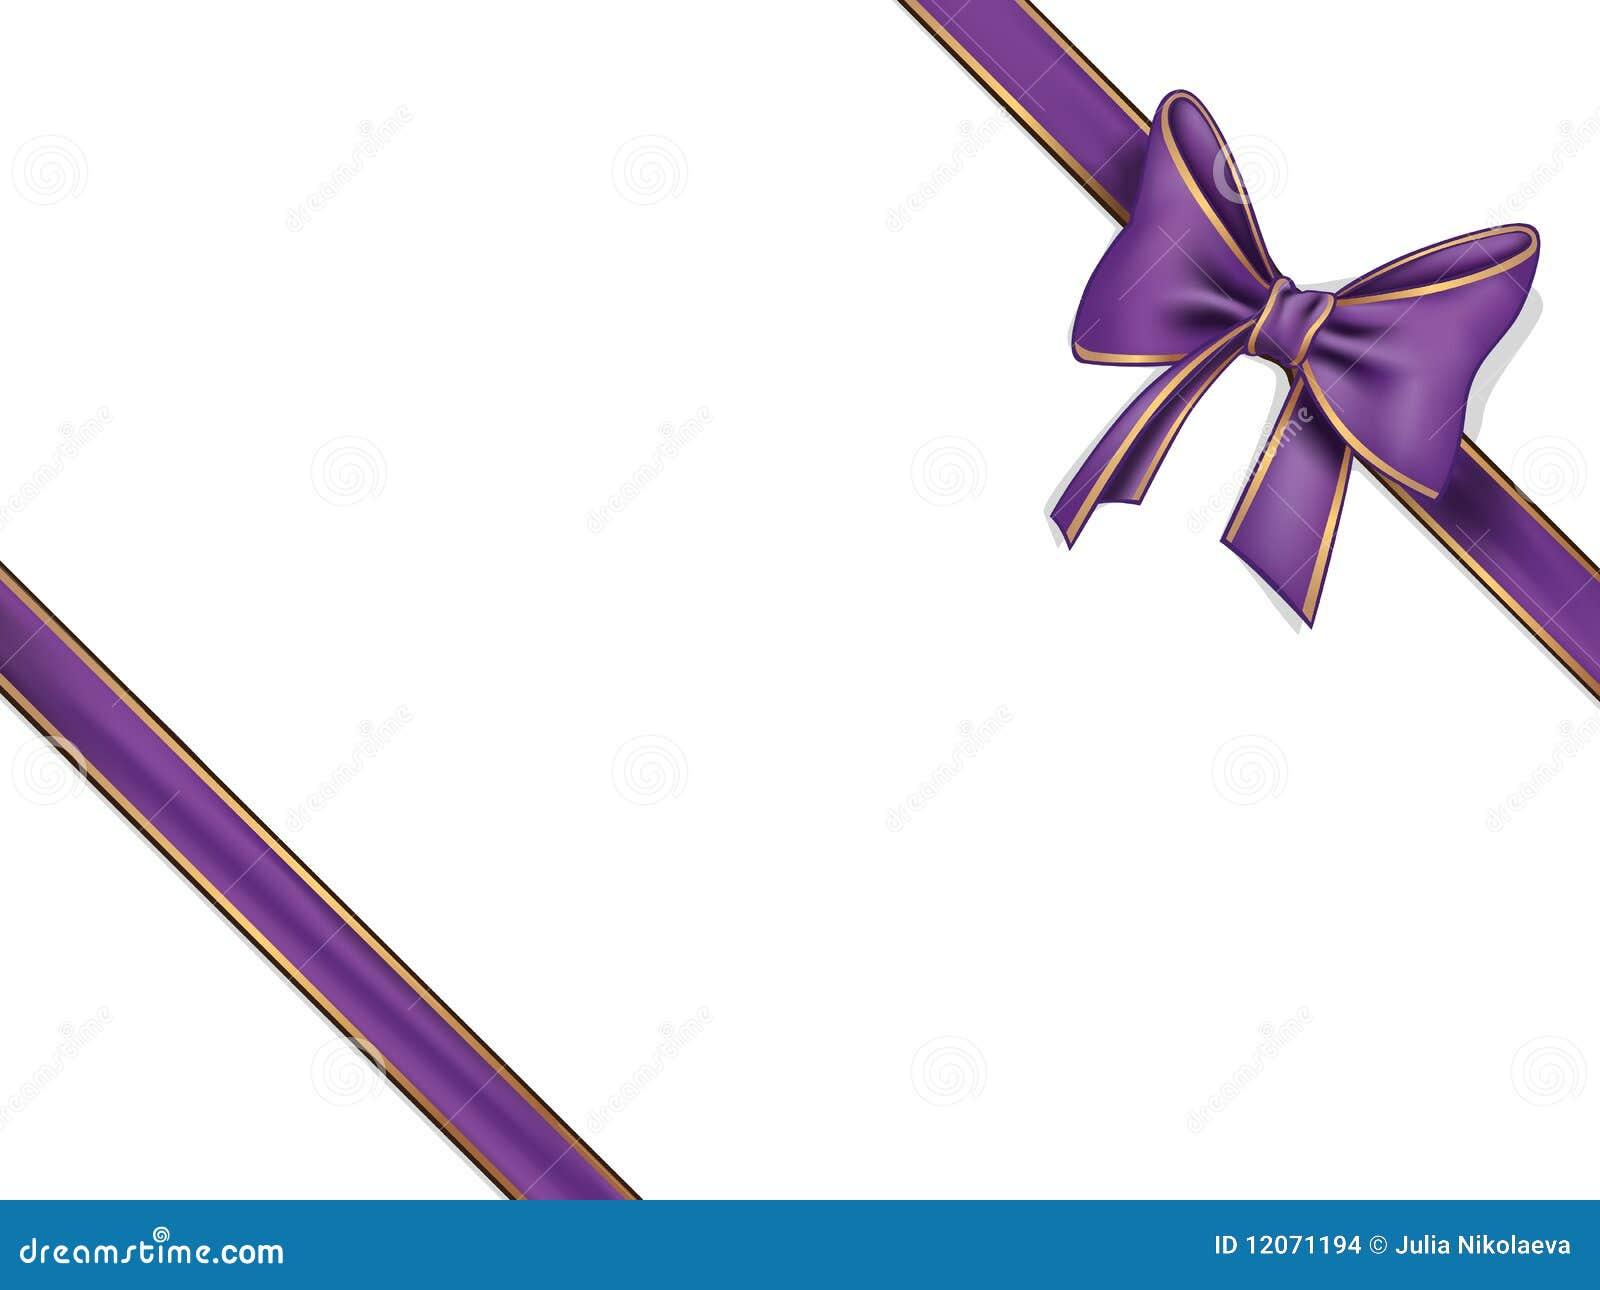 purple ribbon stock illustrations 16 330 purple ribbon stock